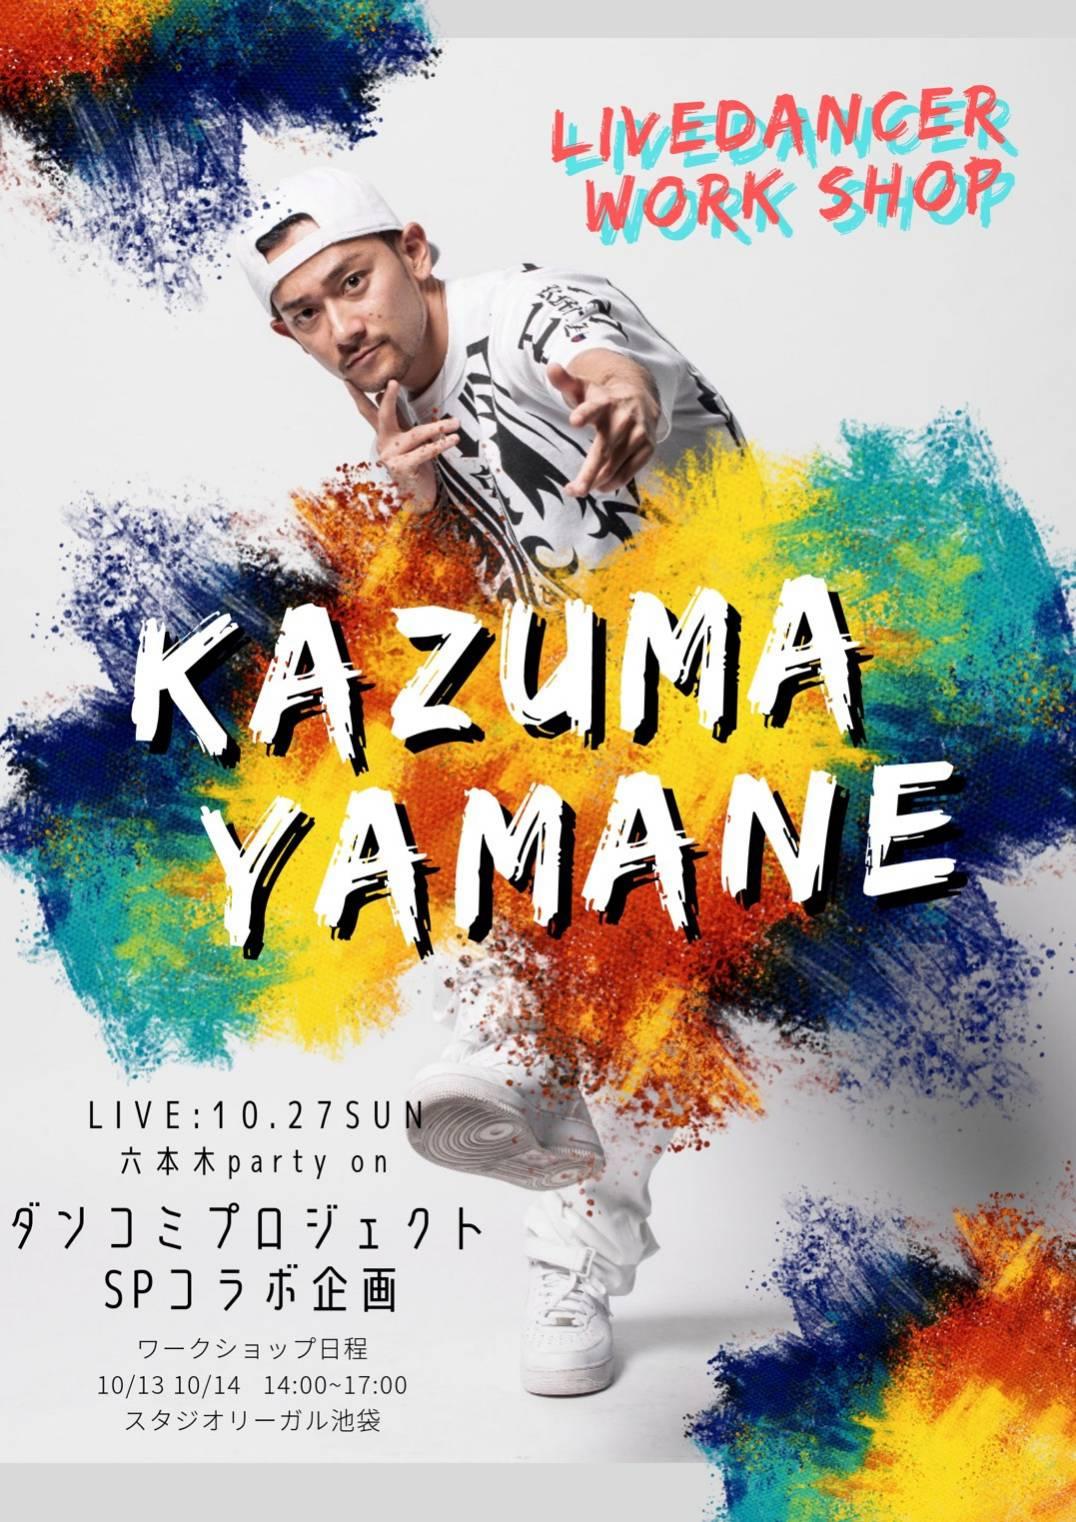 KAZUMA YAMANE WORK SHOP